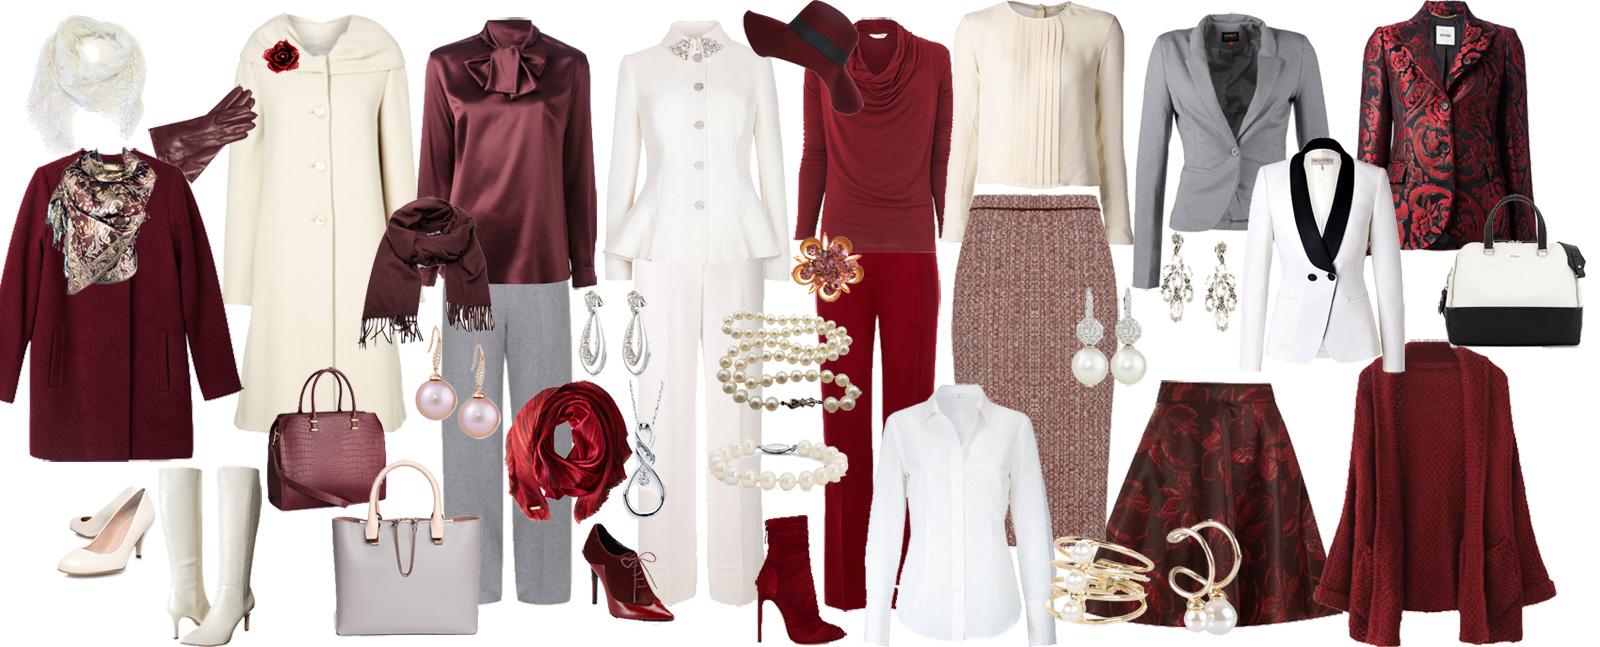 Базовый гардероб для женщины 30 лет